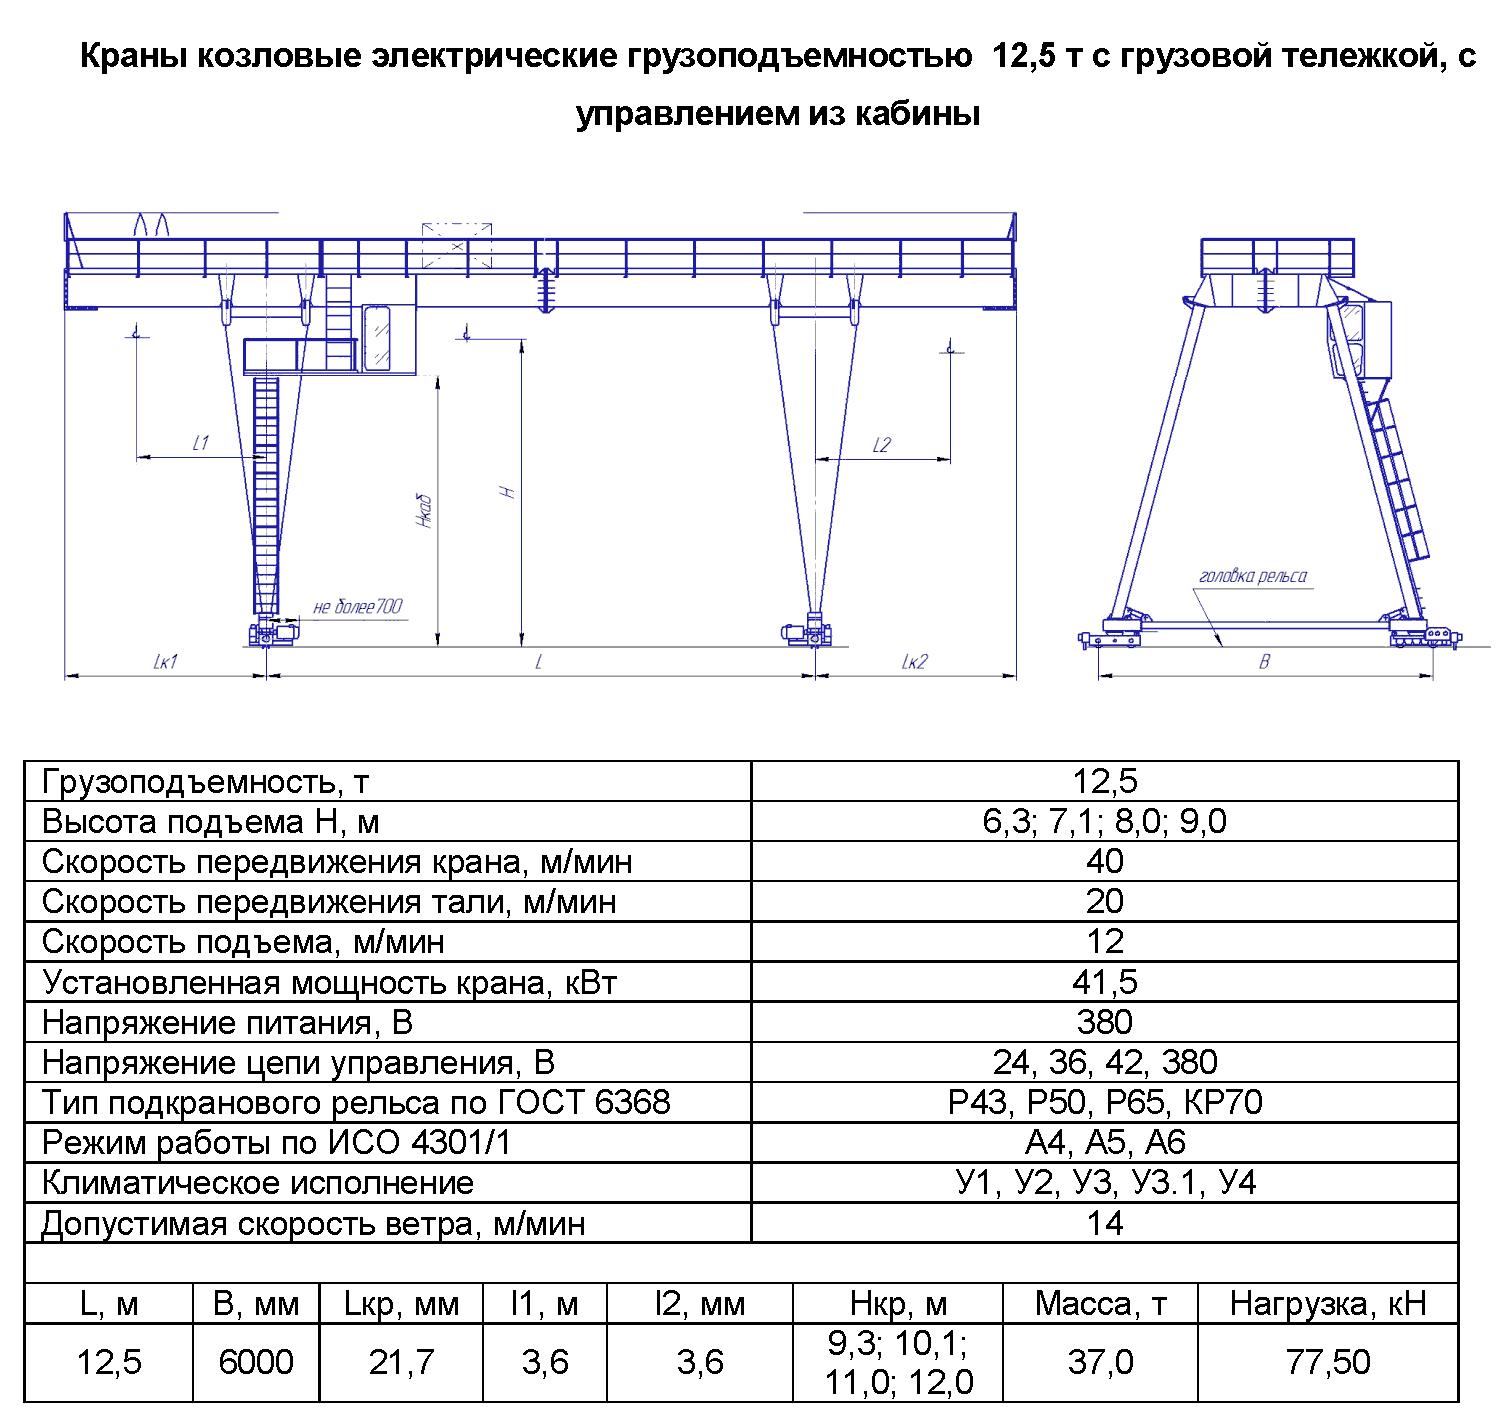 KKD 12 125 - Кран козловой электрический двухбалочный